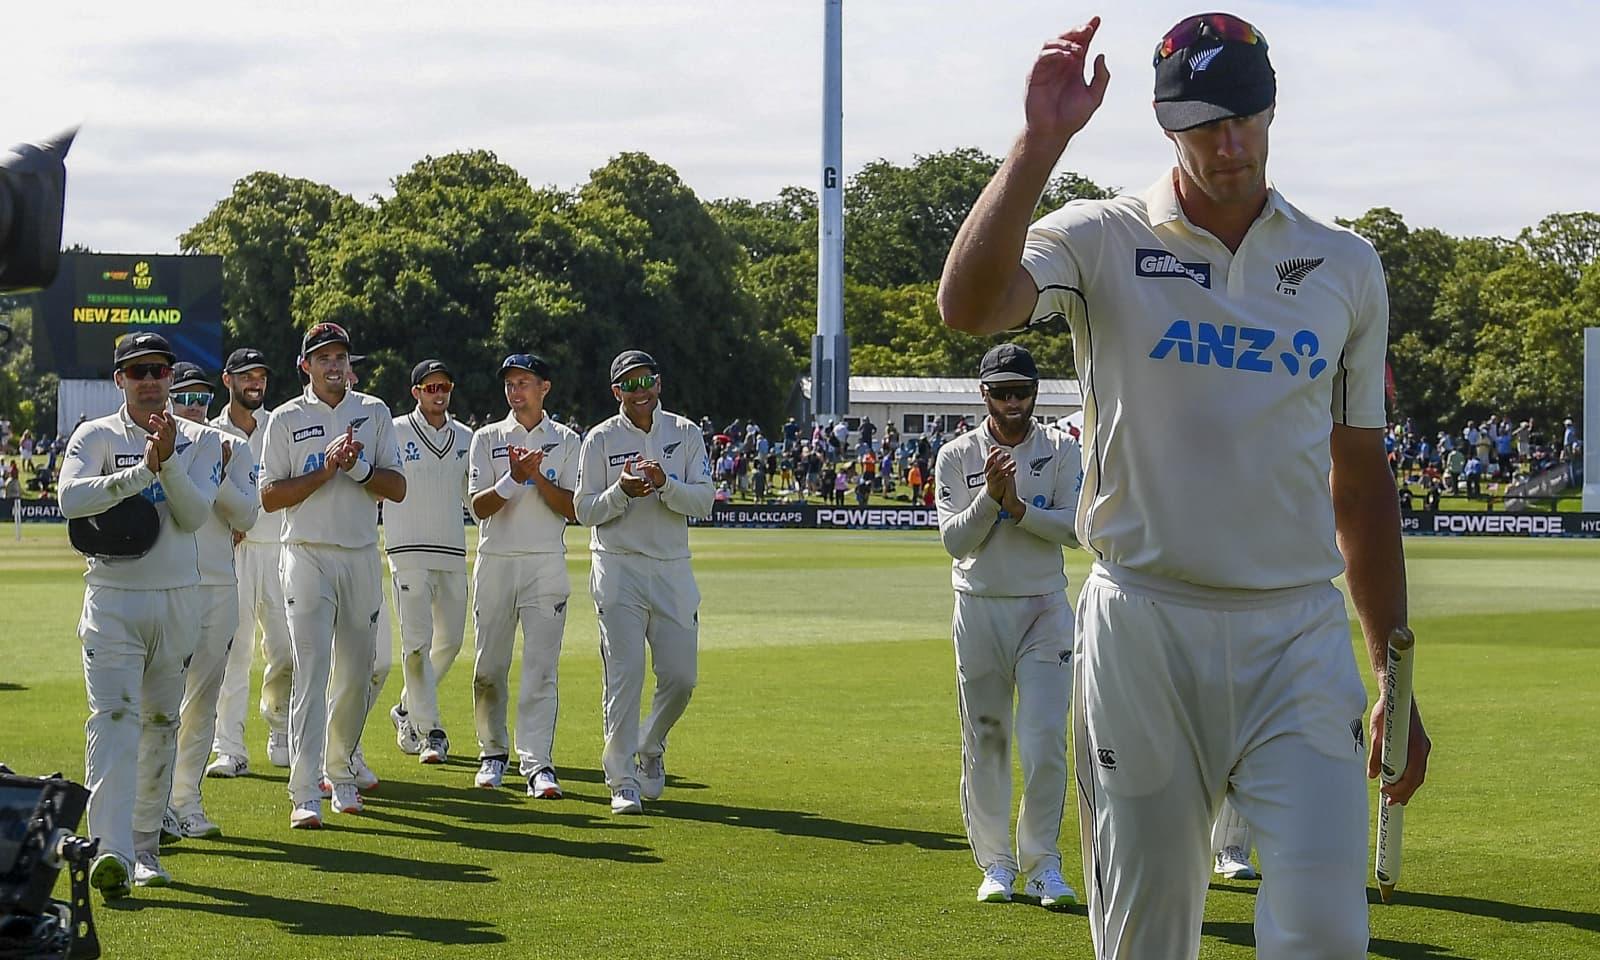 نیوزی لینڈ کے کائل جیمیسن نے میچ میں 11 کھلاڑیوں کو پویلین کی راہ دکھائی — فوٹو: اے پی